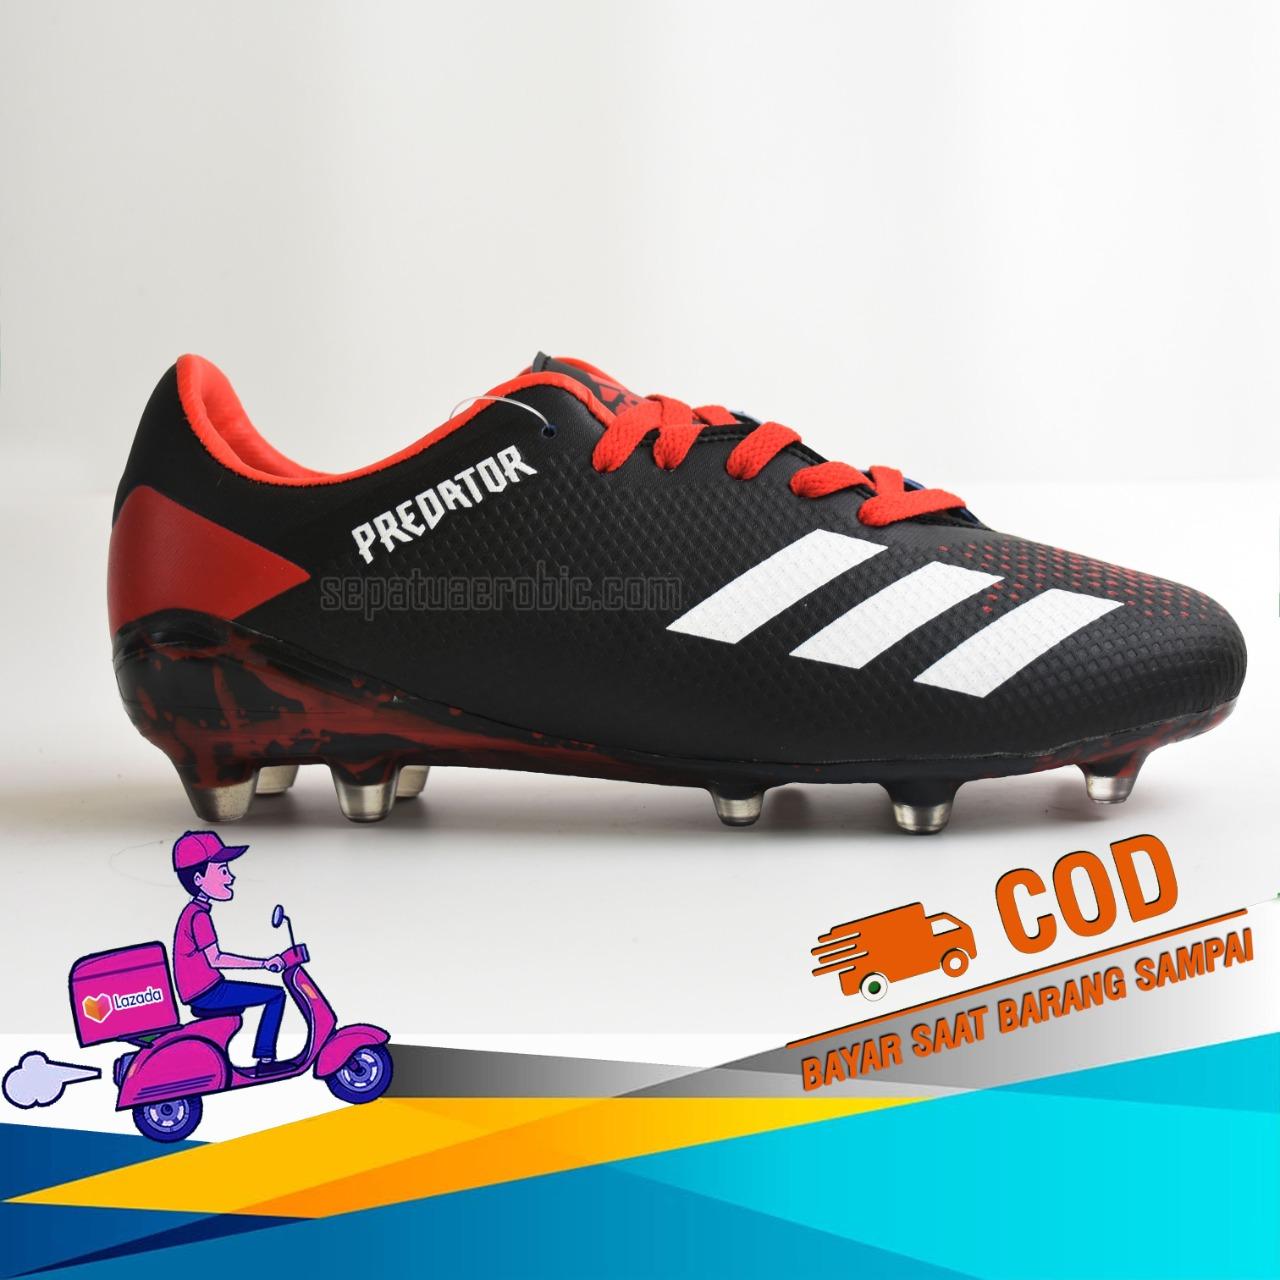 Sepatu Bola_Adidas_Predator Black Red Terbaru/Termurah